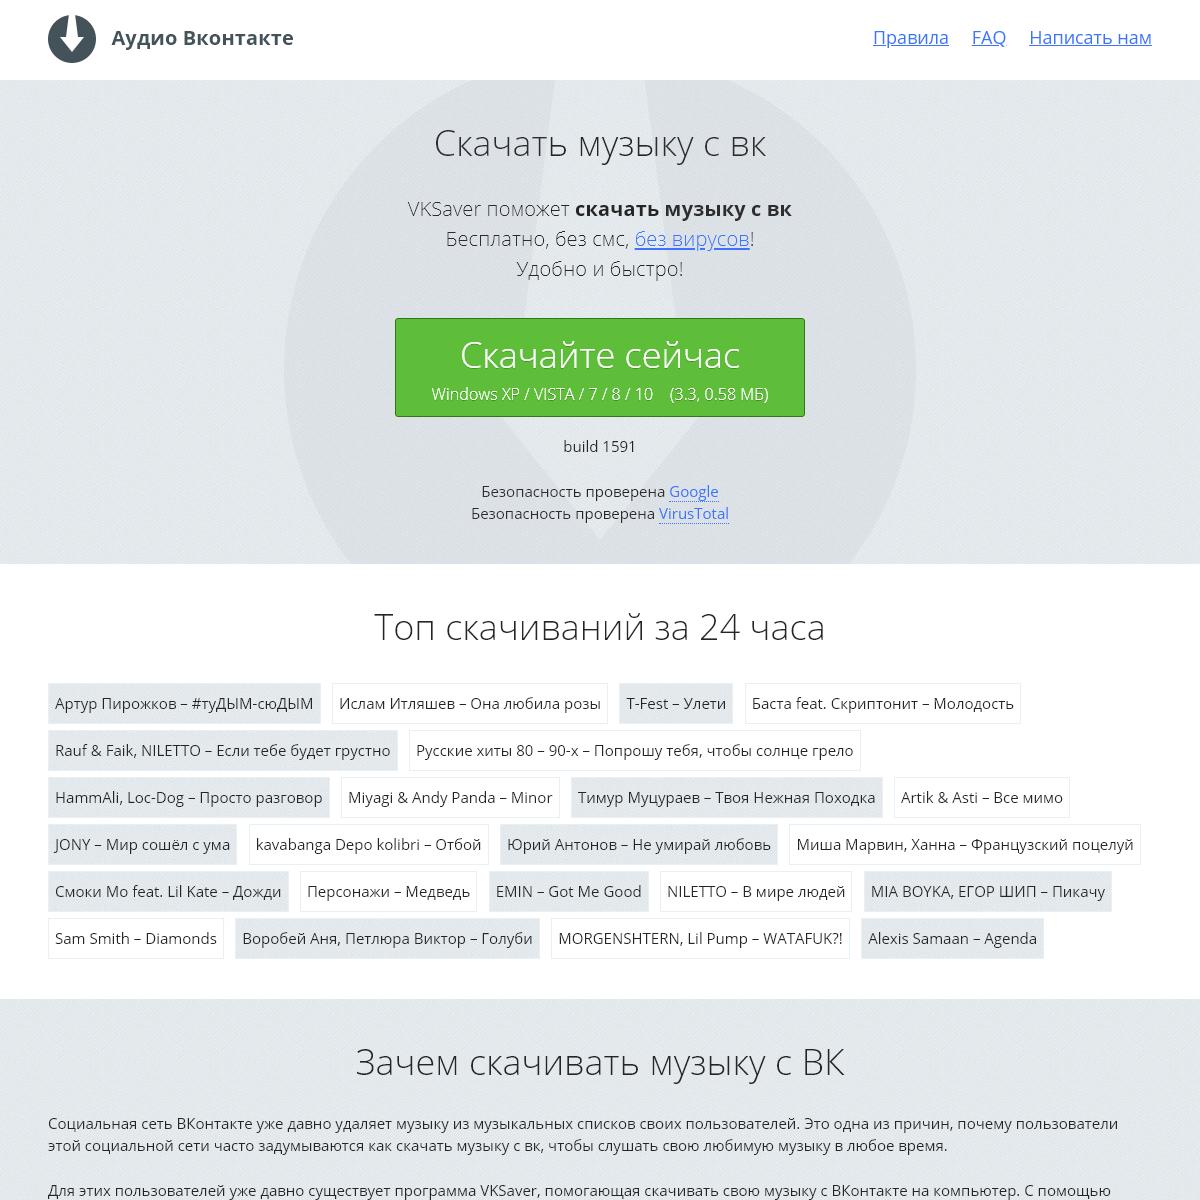 Скачать музыку с вк (Контакта, Вконтакте) - VKSaver 3.3